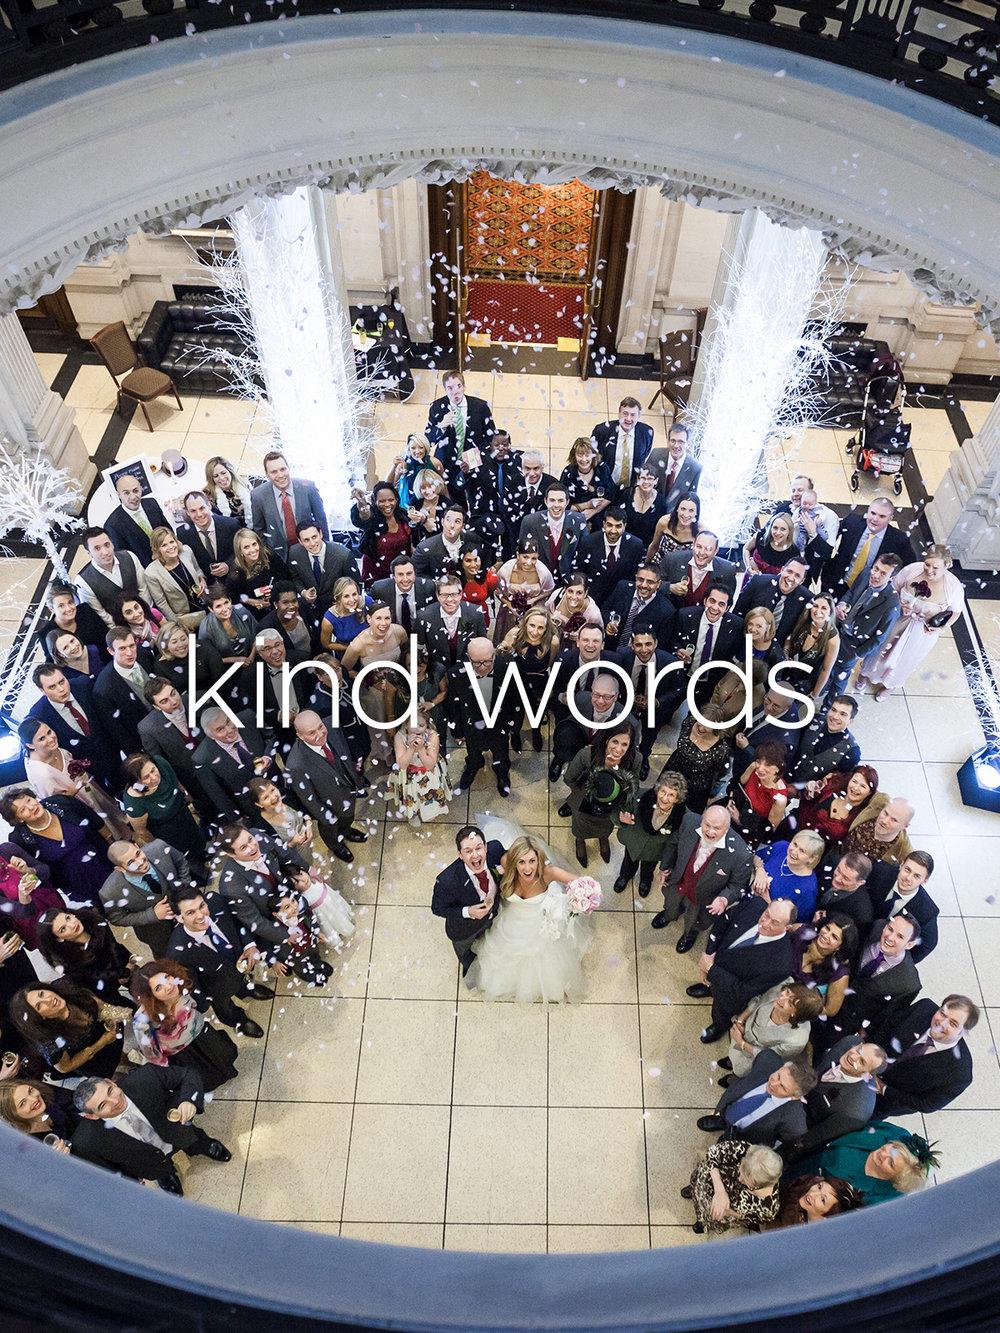 kind-words.jpg